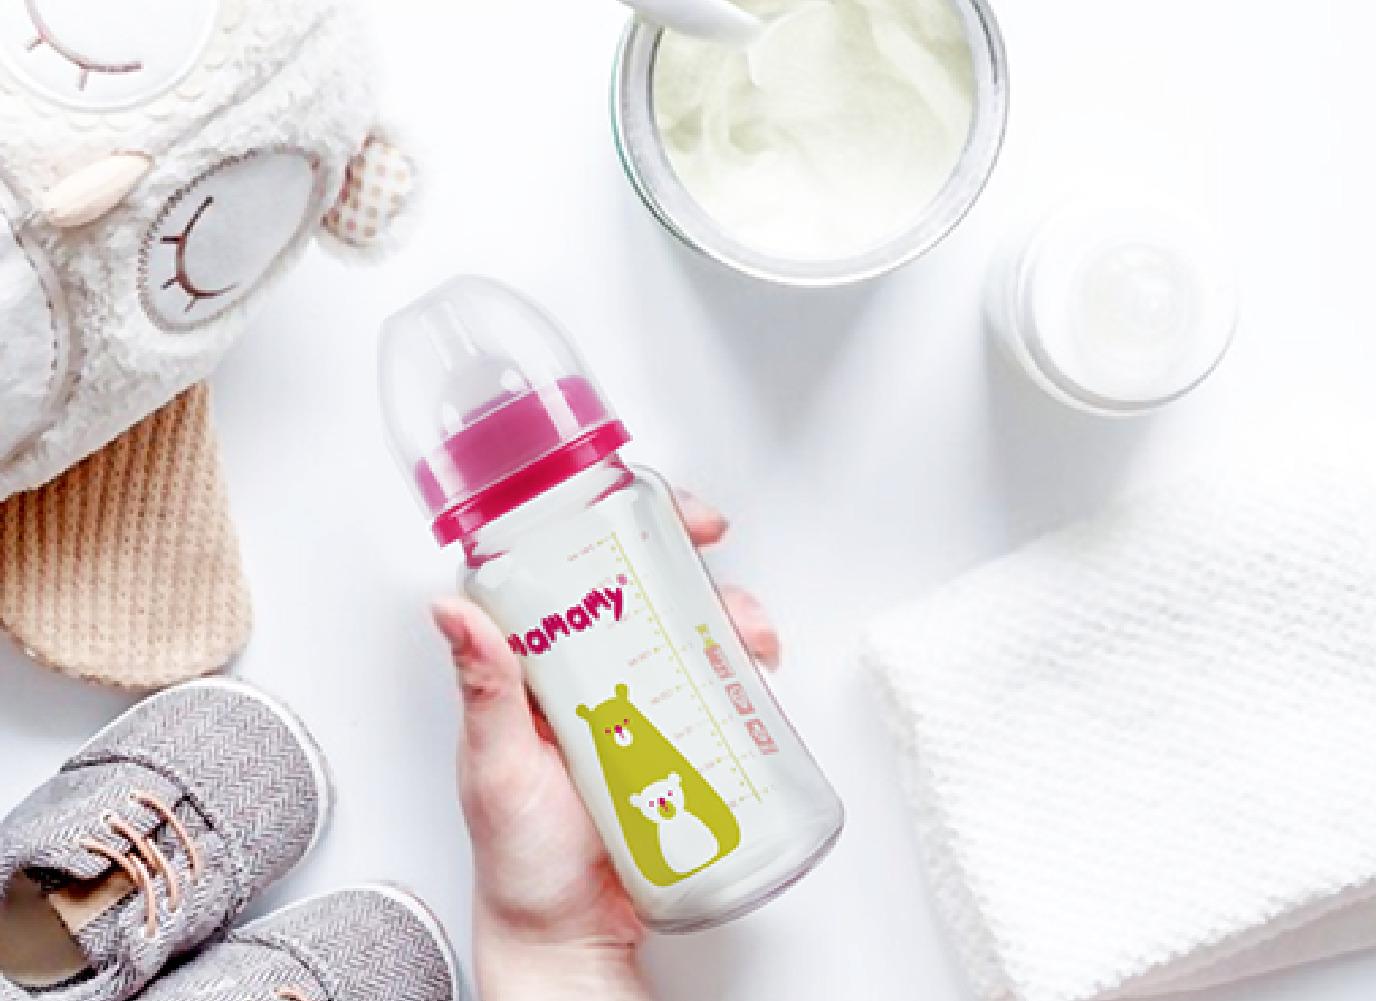 Cách rửa bình sữa đảm bảo vệ sinh, an toàn cho bé